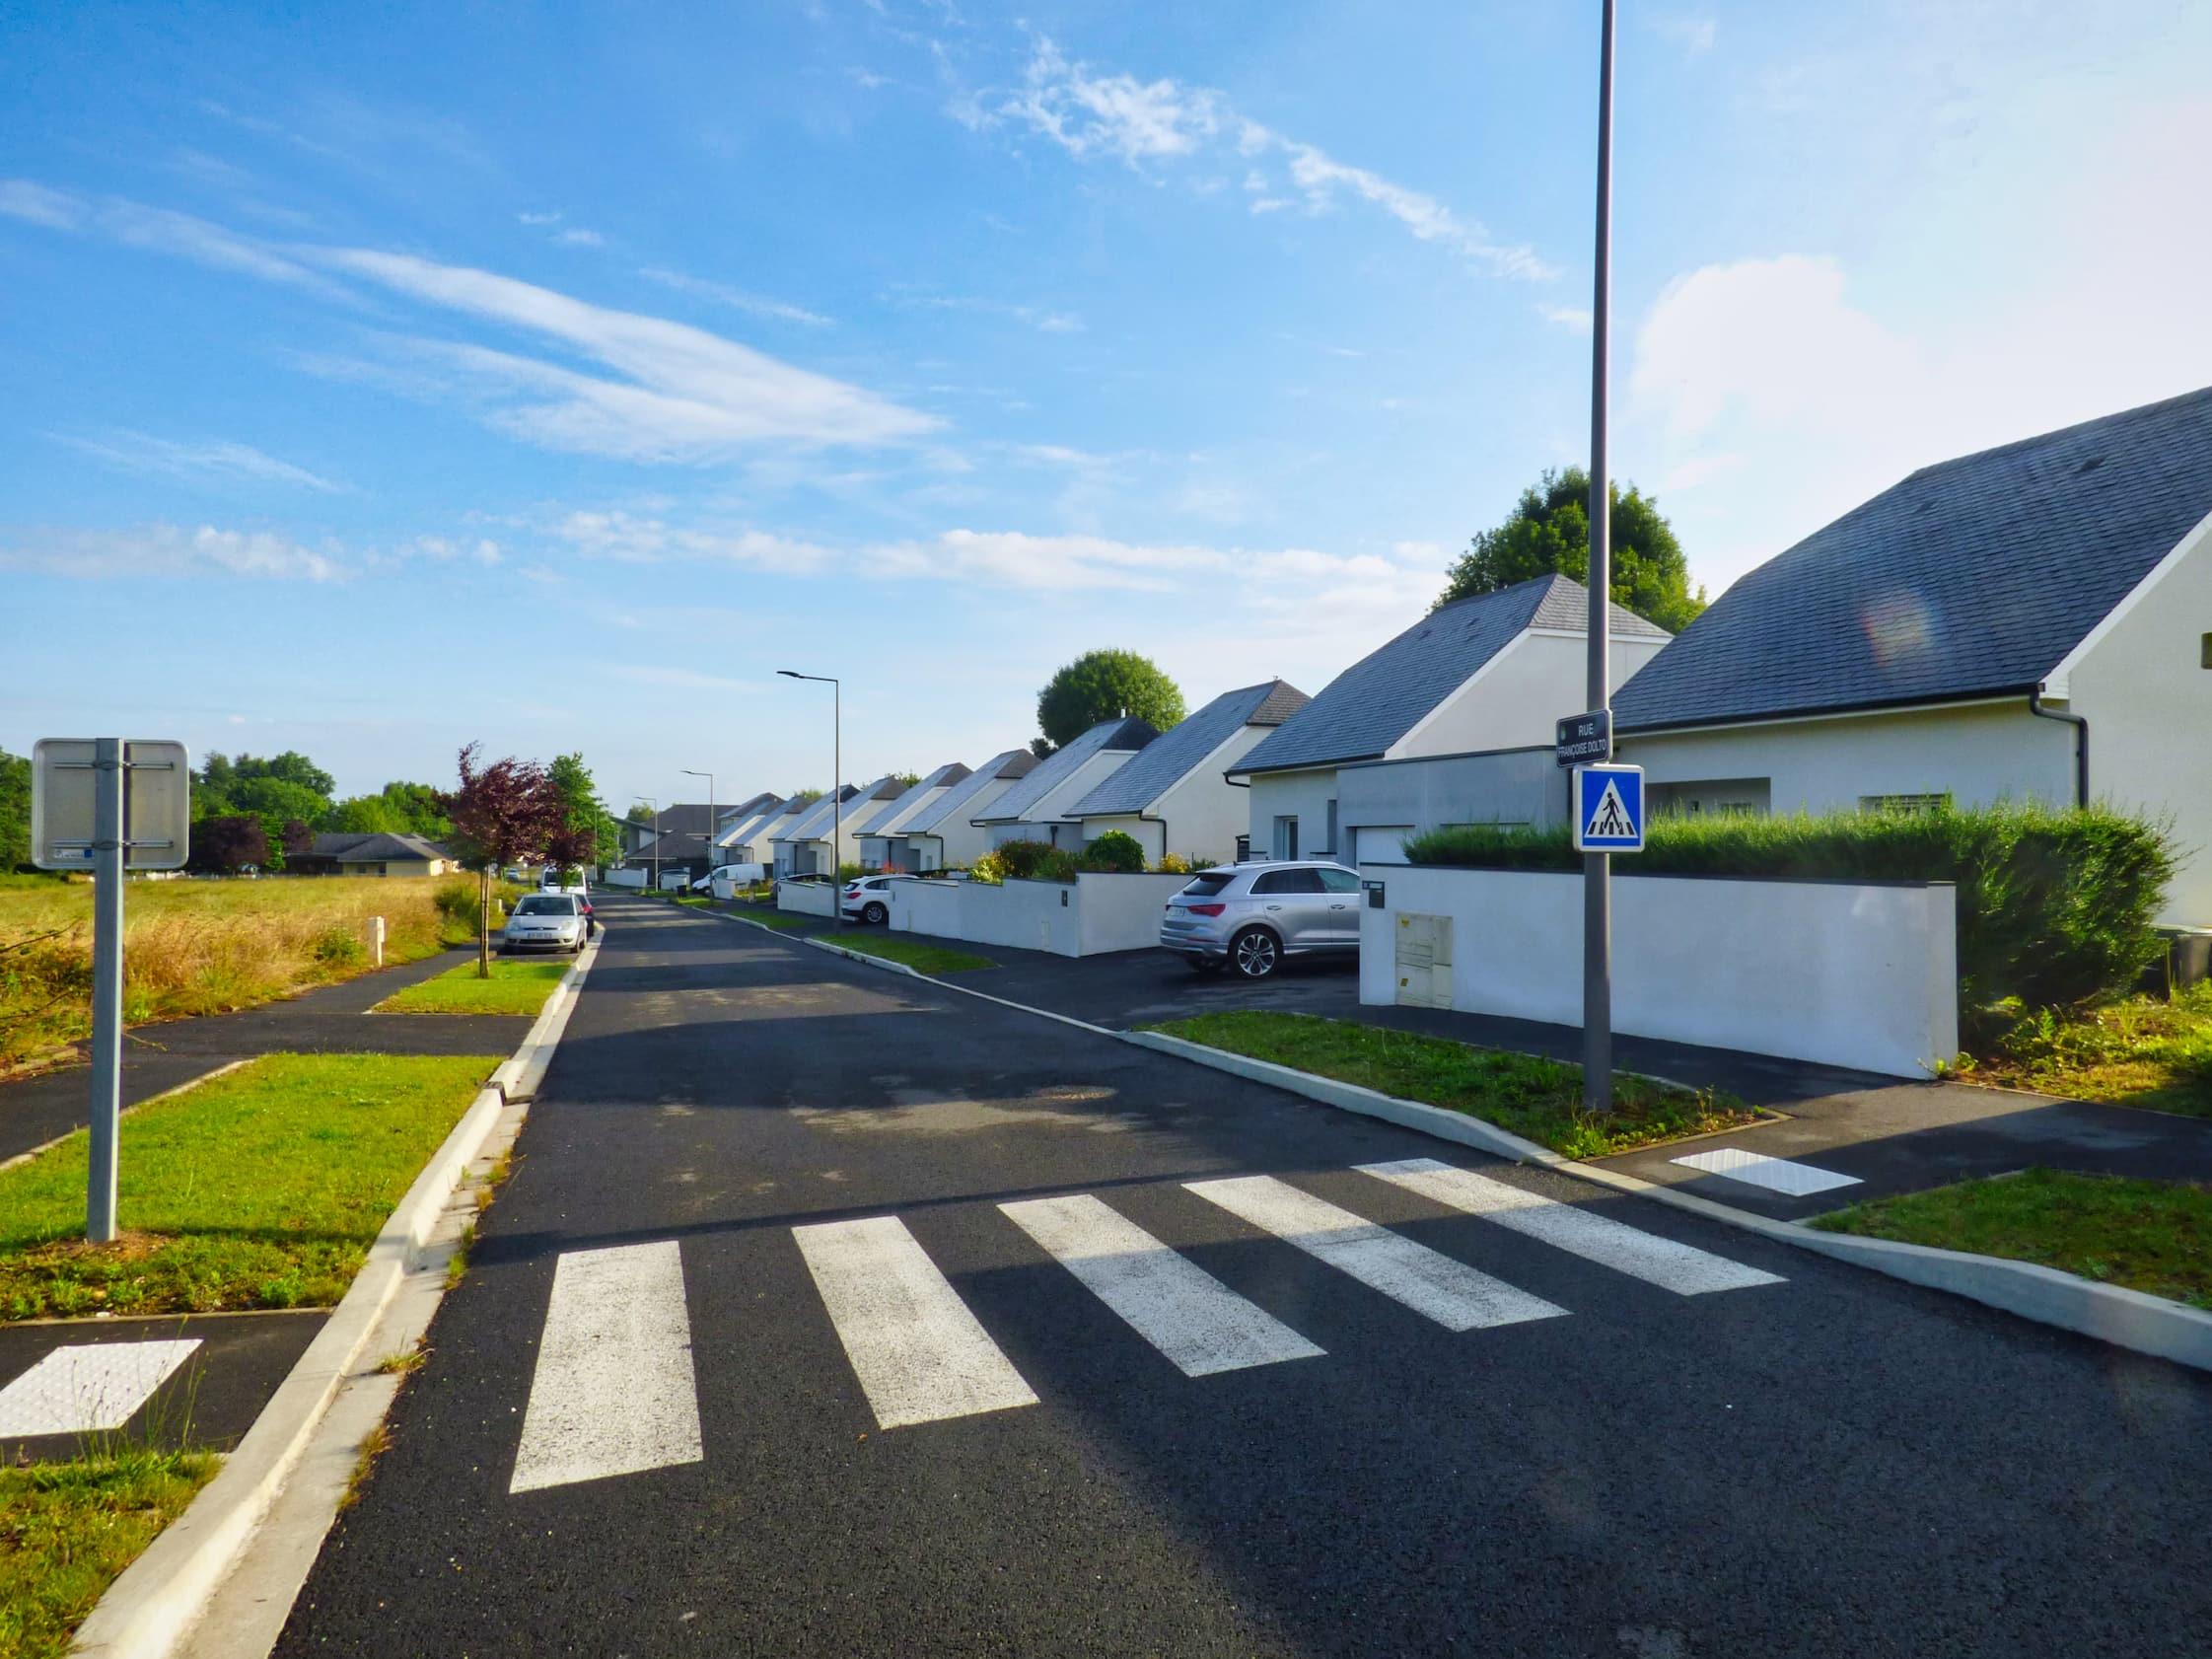 Maisons jumelées morlaas 512